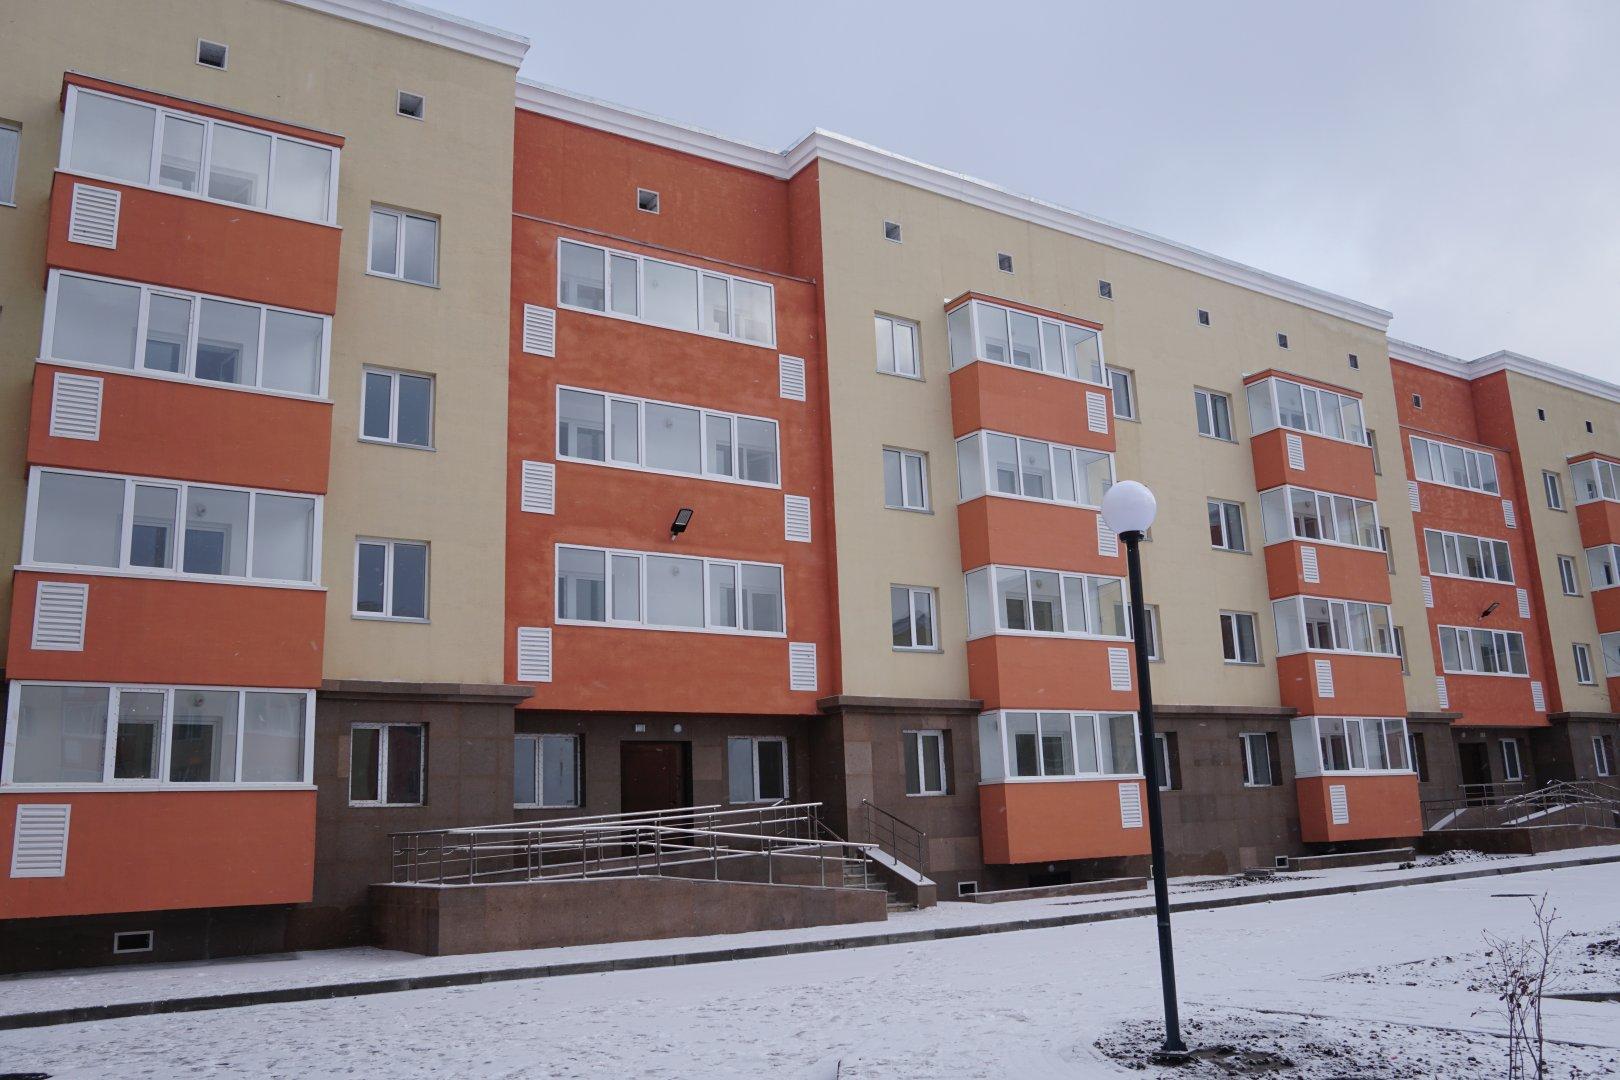 Сколько будет стоить квартира для многодетных семей?